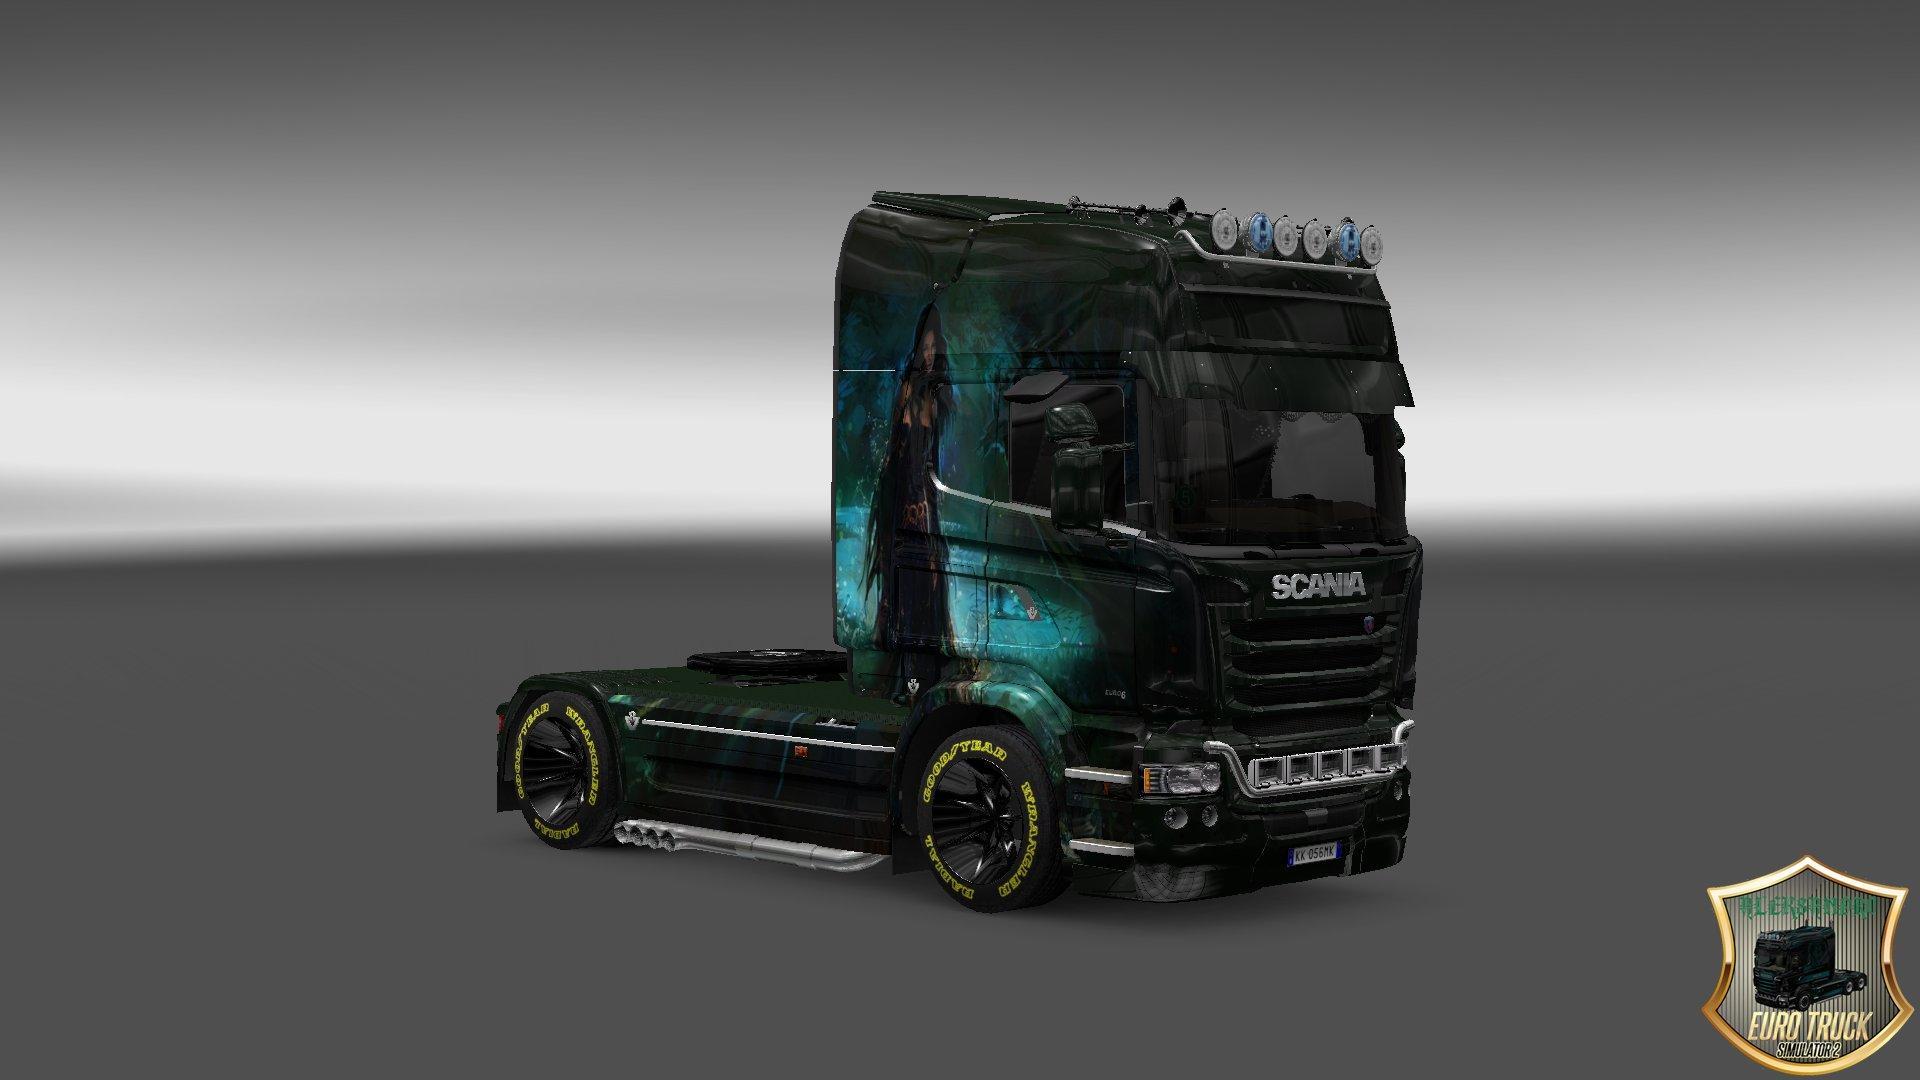 SCANIA STREAMLINE GIRL V3 SKIN 1.22 Mod - Euro Truck